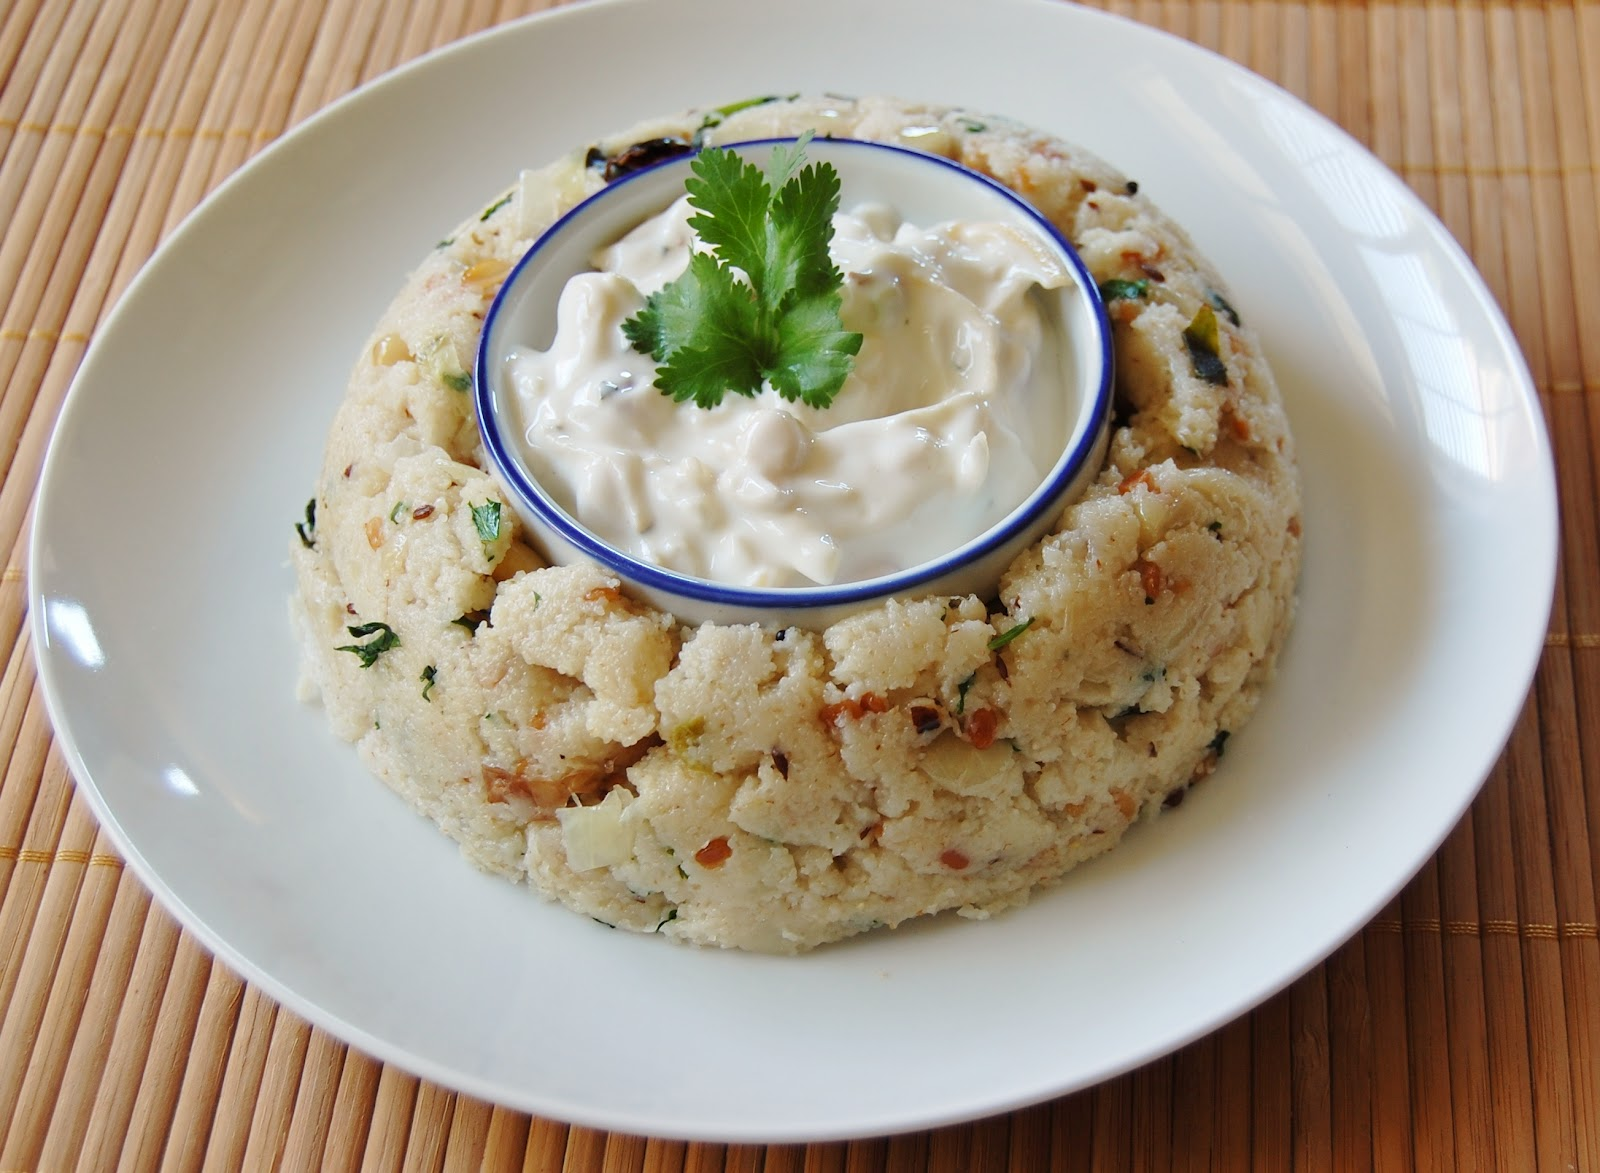 Rabbit food rocks upma a south indian brunch dish upma a south indian brunch dish forumfinder Gallery